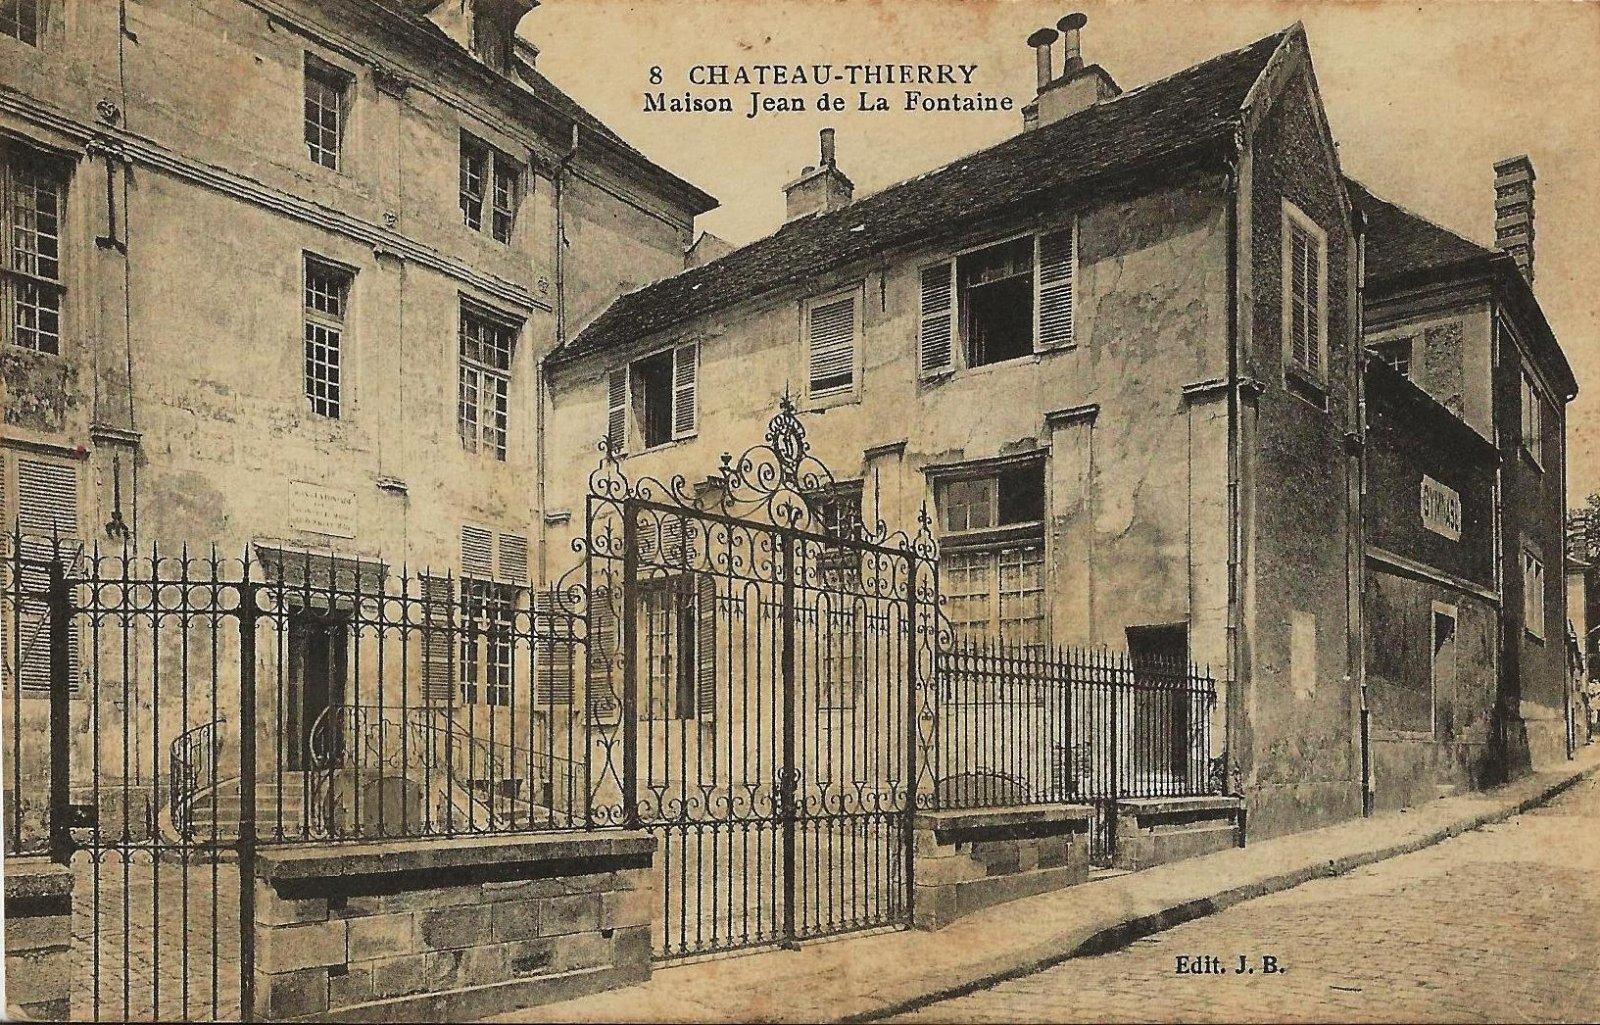 CHATEAU THIERRY 1916 maison de la fontaine2